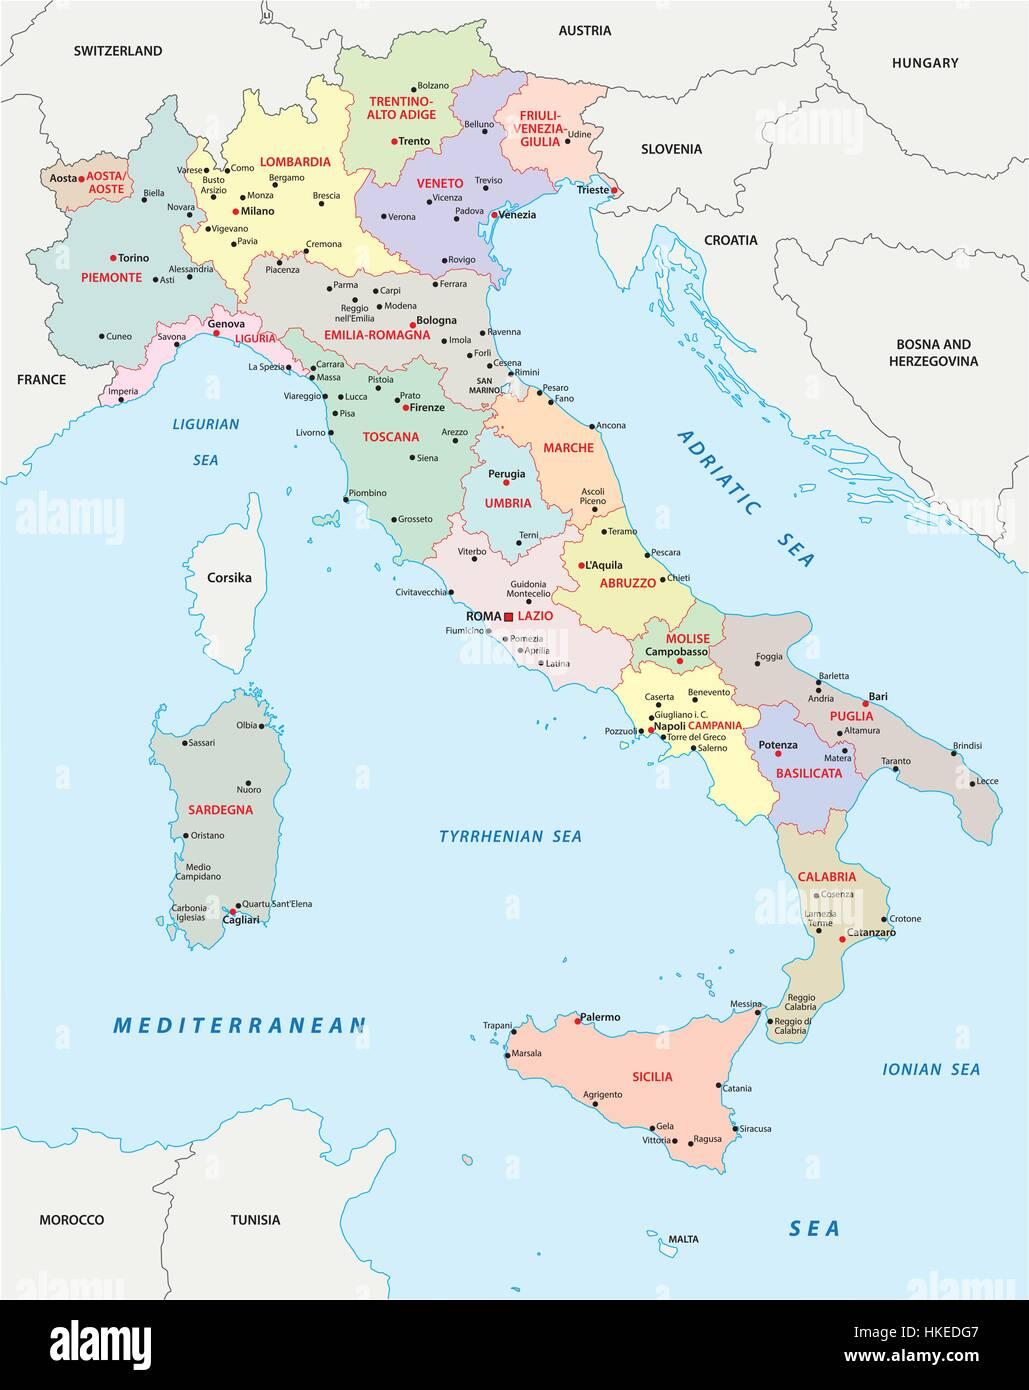 Italia Cartina Vettoriale.Italia Politica E Amministrativa Di Mappa Immagine E Vettoriale Alamy